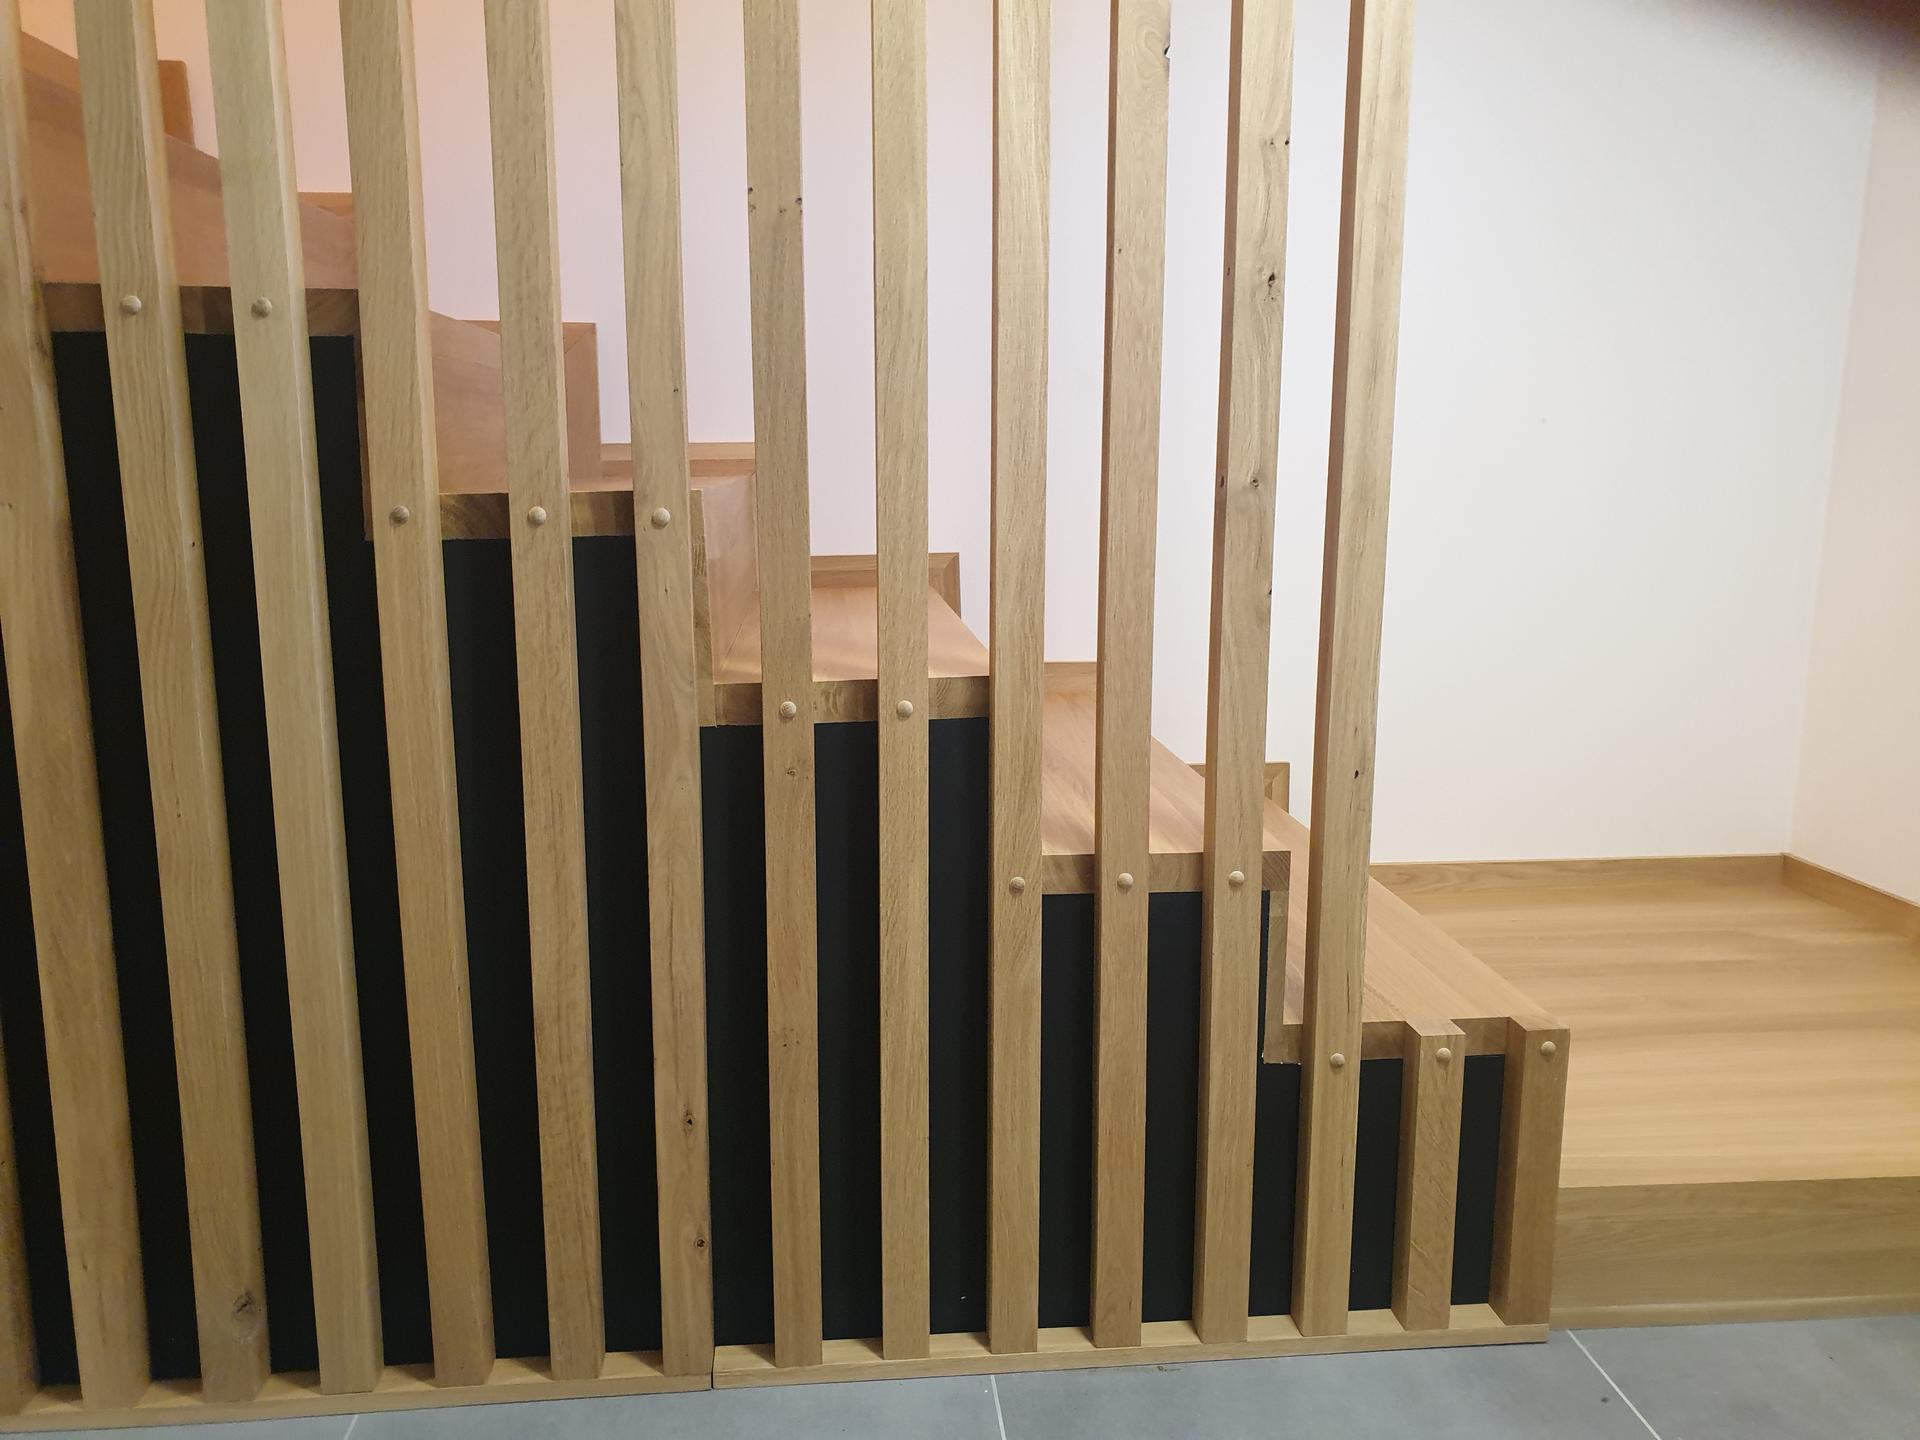 Moderné schodisko - DUB + lamely - Obrázok č. 13